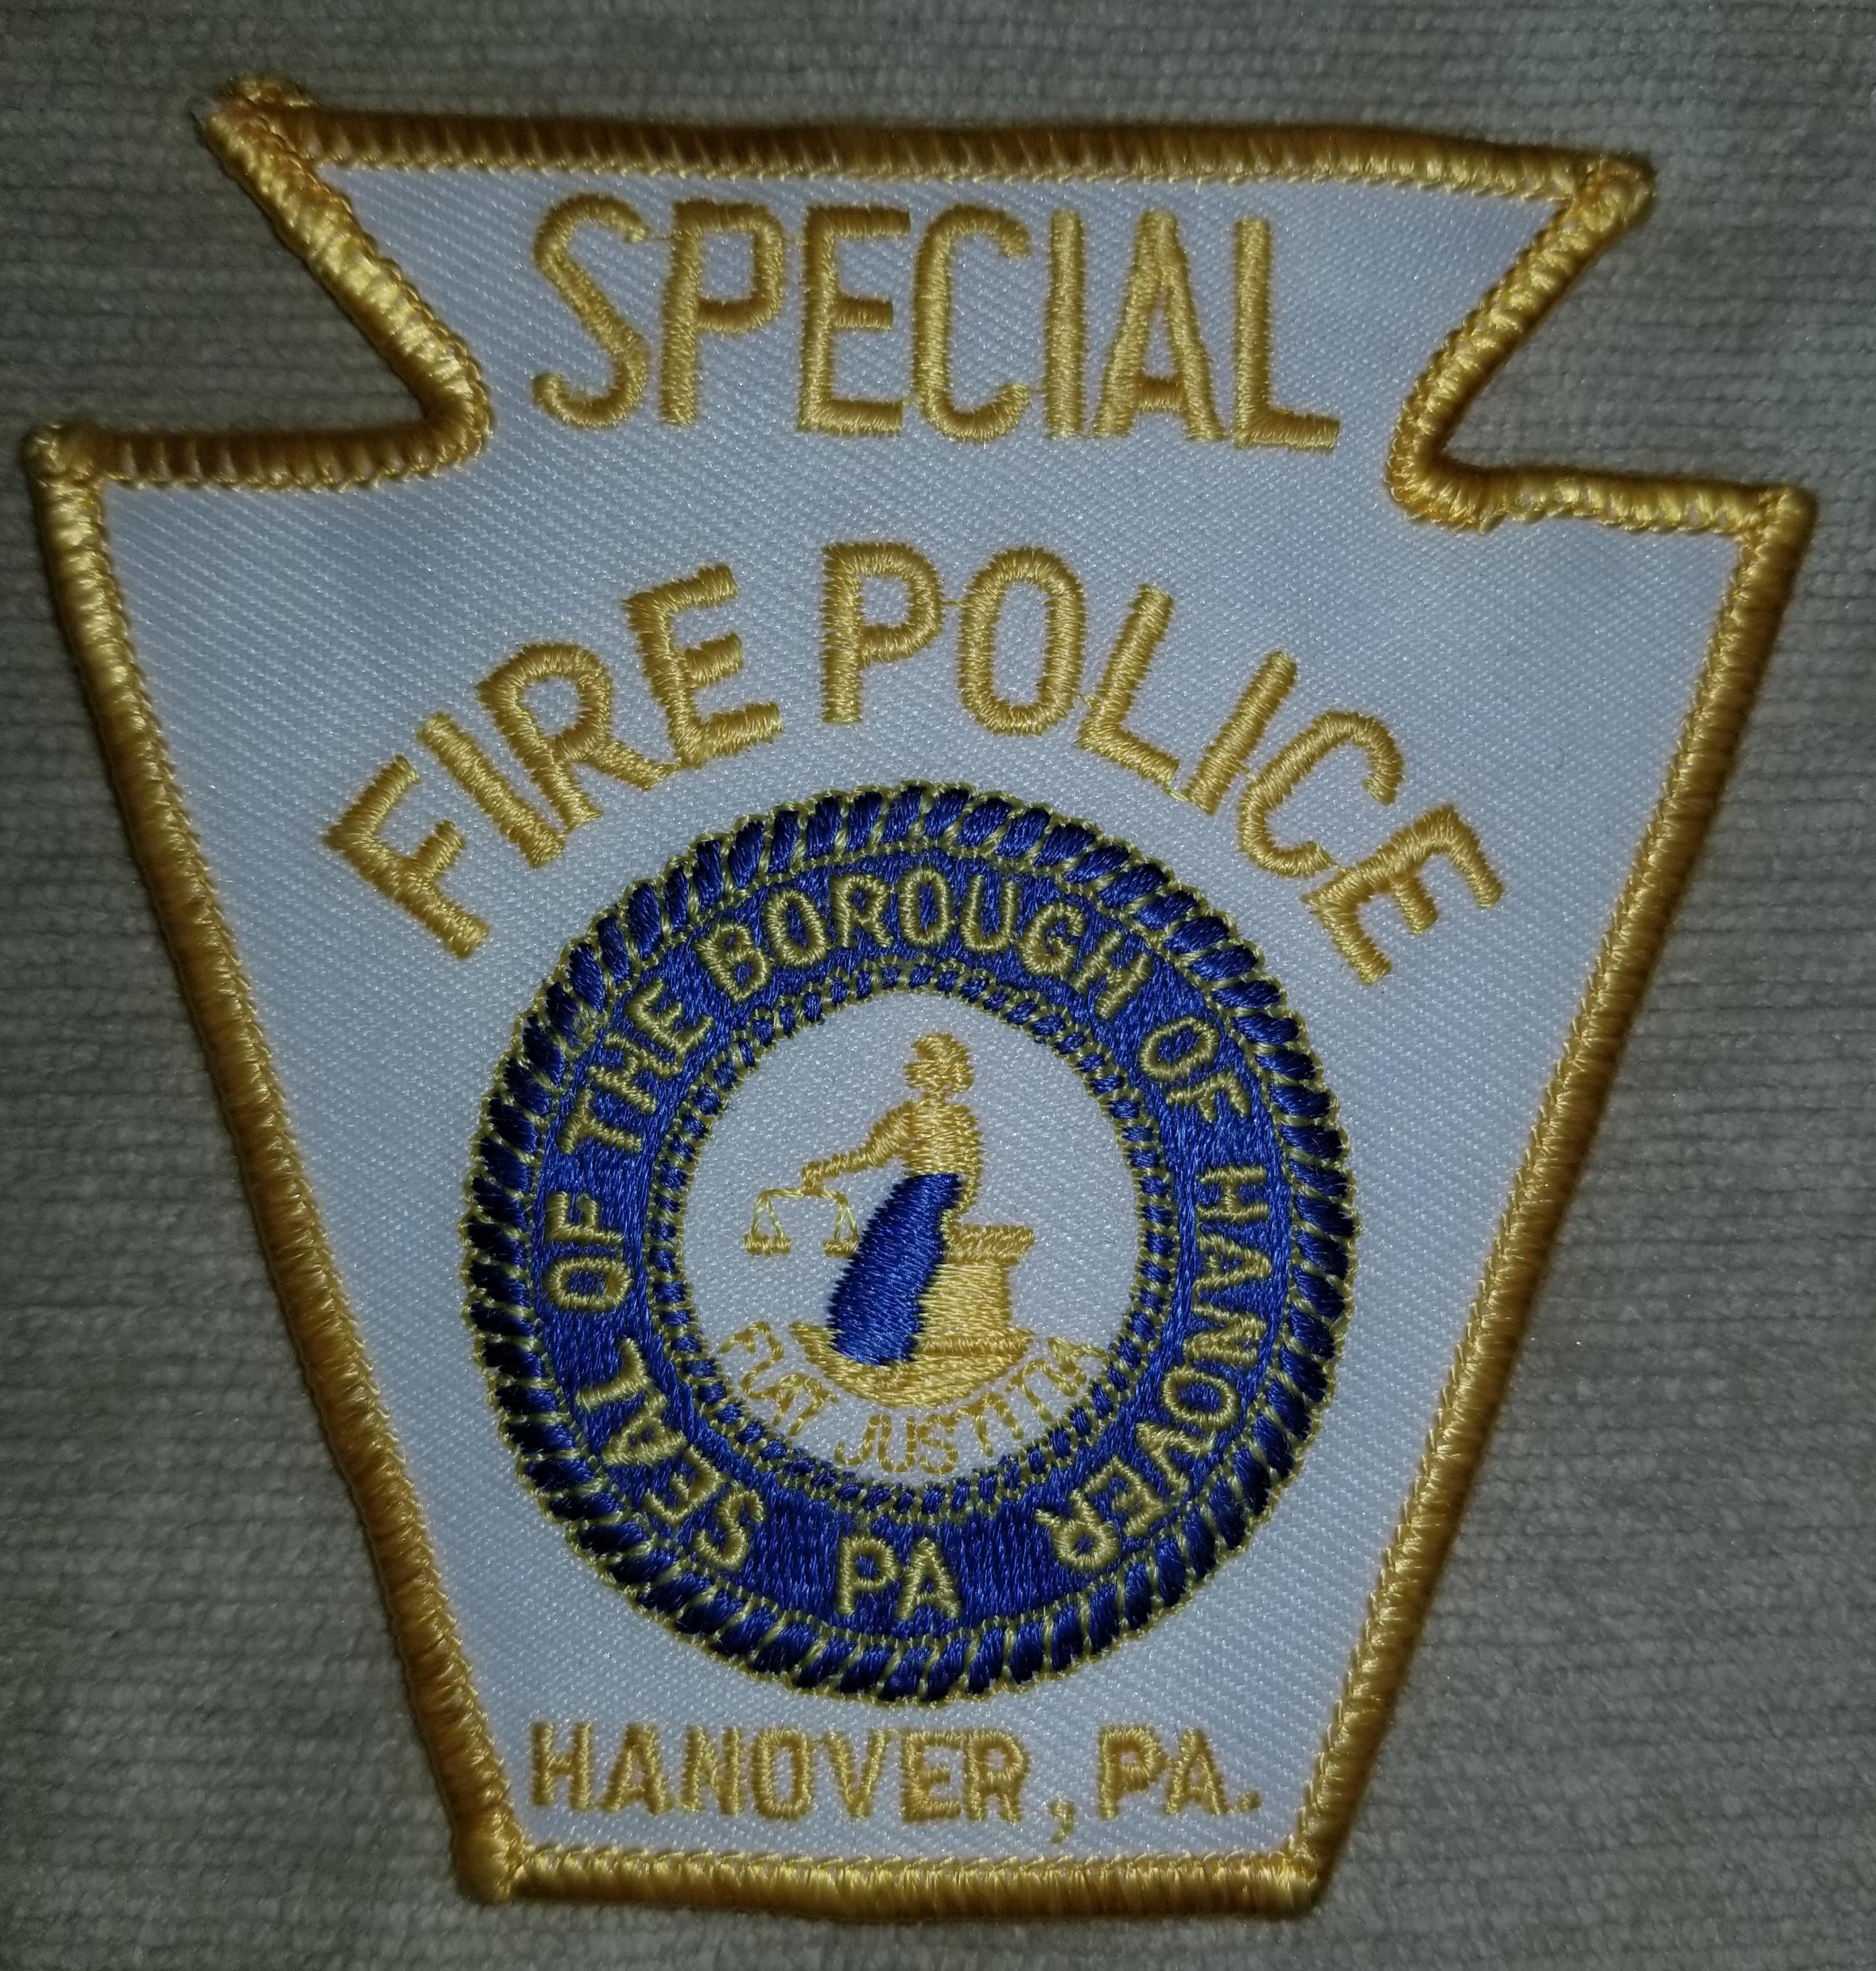 Hanover Borough Fire Police 2 PA